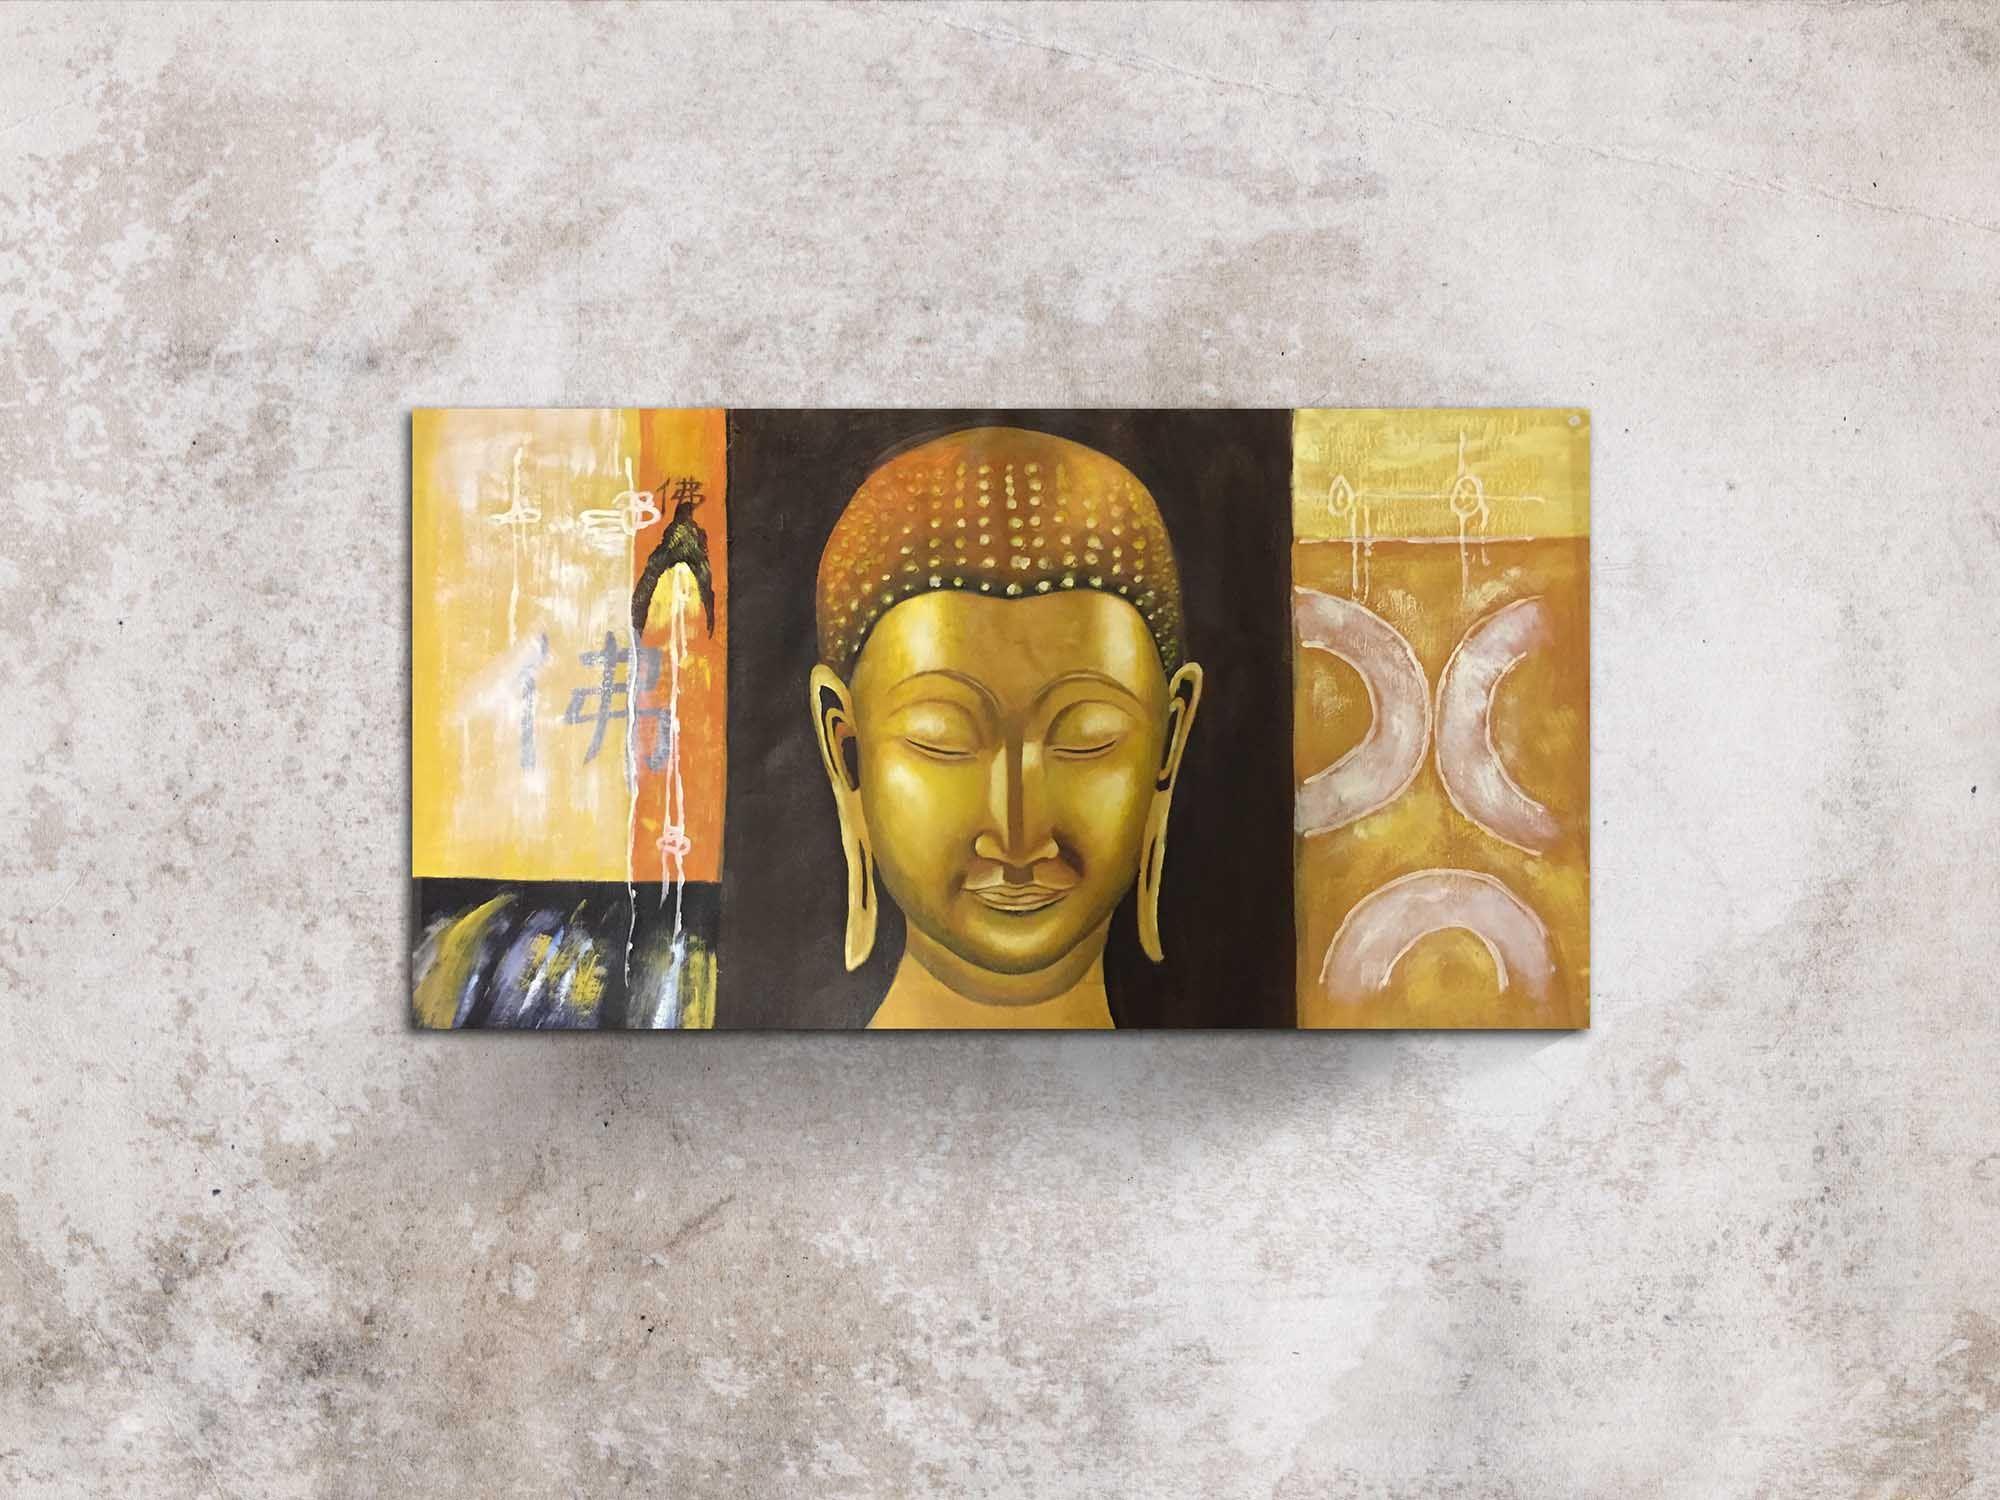 http://www.feelhome.se/tag/buddha-canvastavlor/ Buddha får en att känna sig lugn och andlig. En handmålad canvastavla med Buddha som motiv är en lösning till att få ett mer avkopplat hem! Följ länken för att hitta vilken Buddha tavla som passar dig bäst! #heminredning #canvastavla #oljemålning #konst #Buddha #Buddhamotiv #tavla #inredning #homestyle #egetmotiv #canvastavlor #designadinegnatavla #vardagsrum #kontor  #modernt #tavlor #Buddha